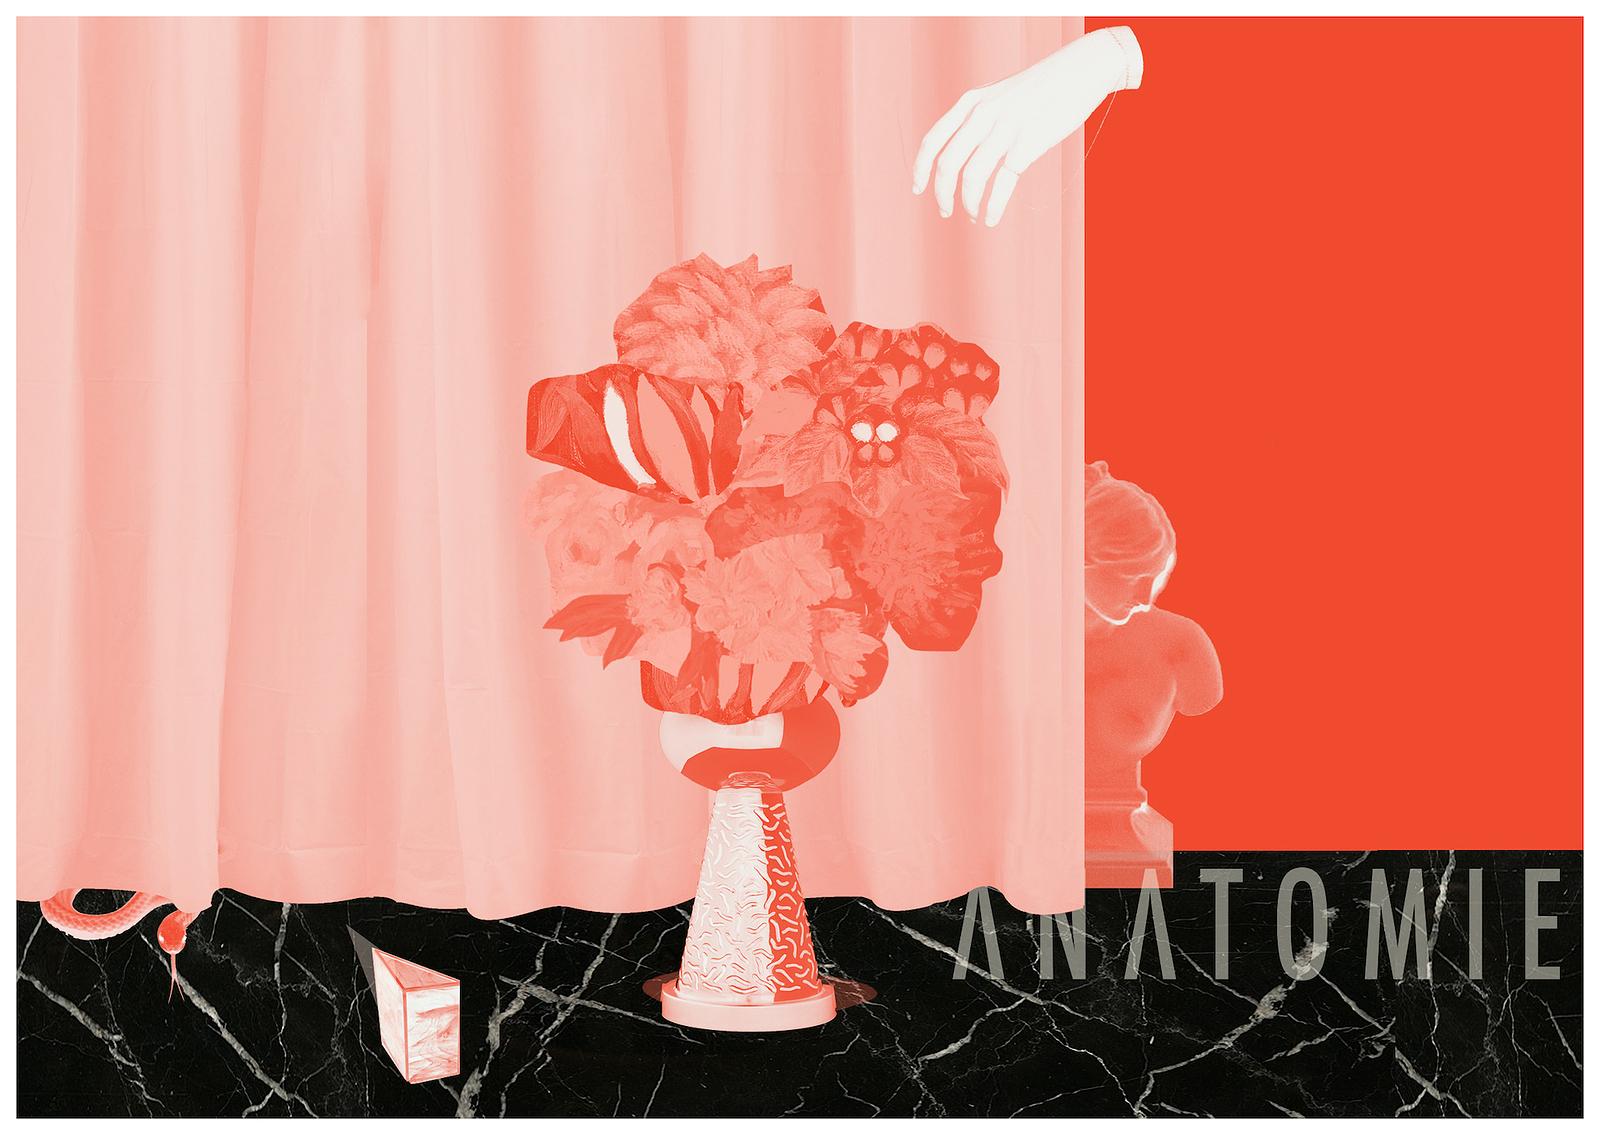 Anatomie Fleur – Sojournal